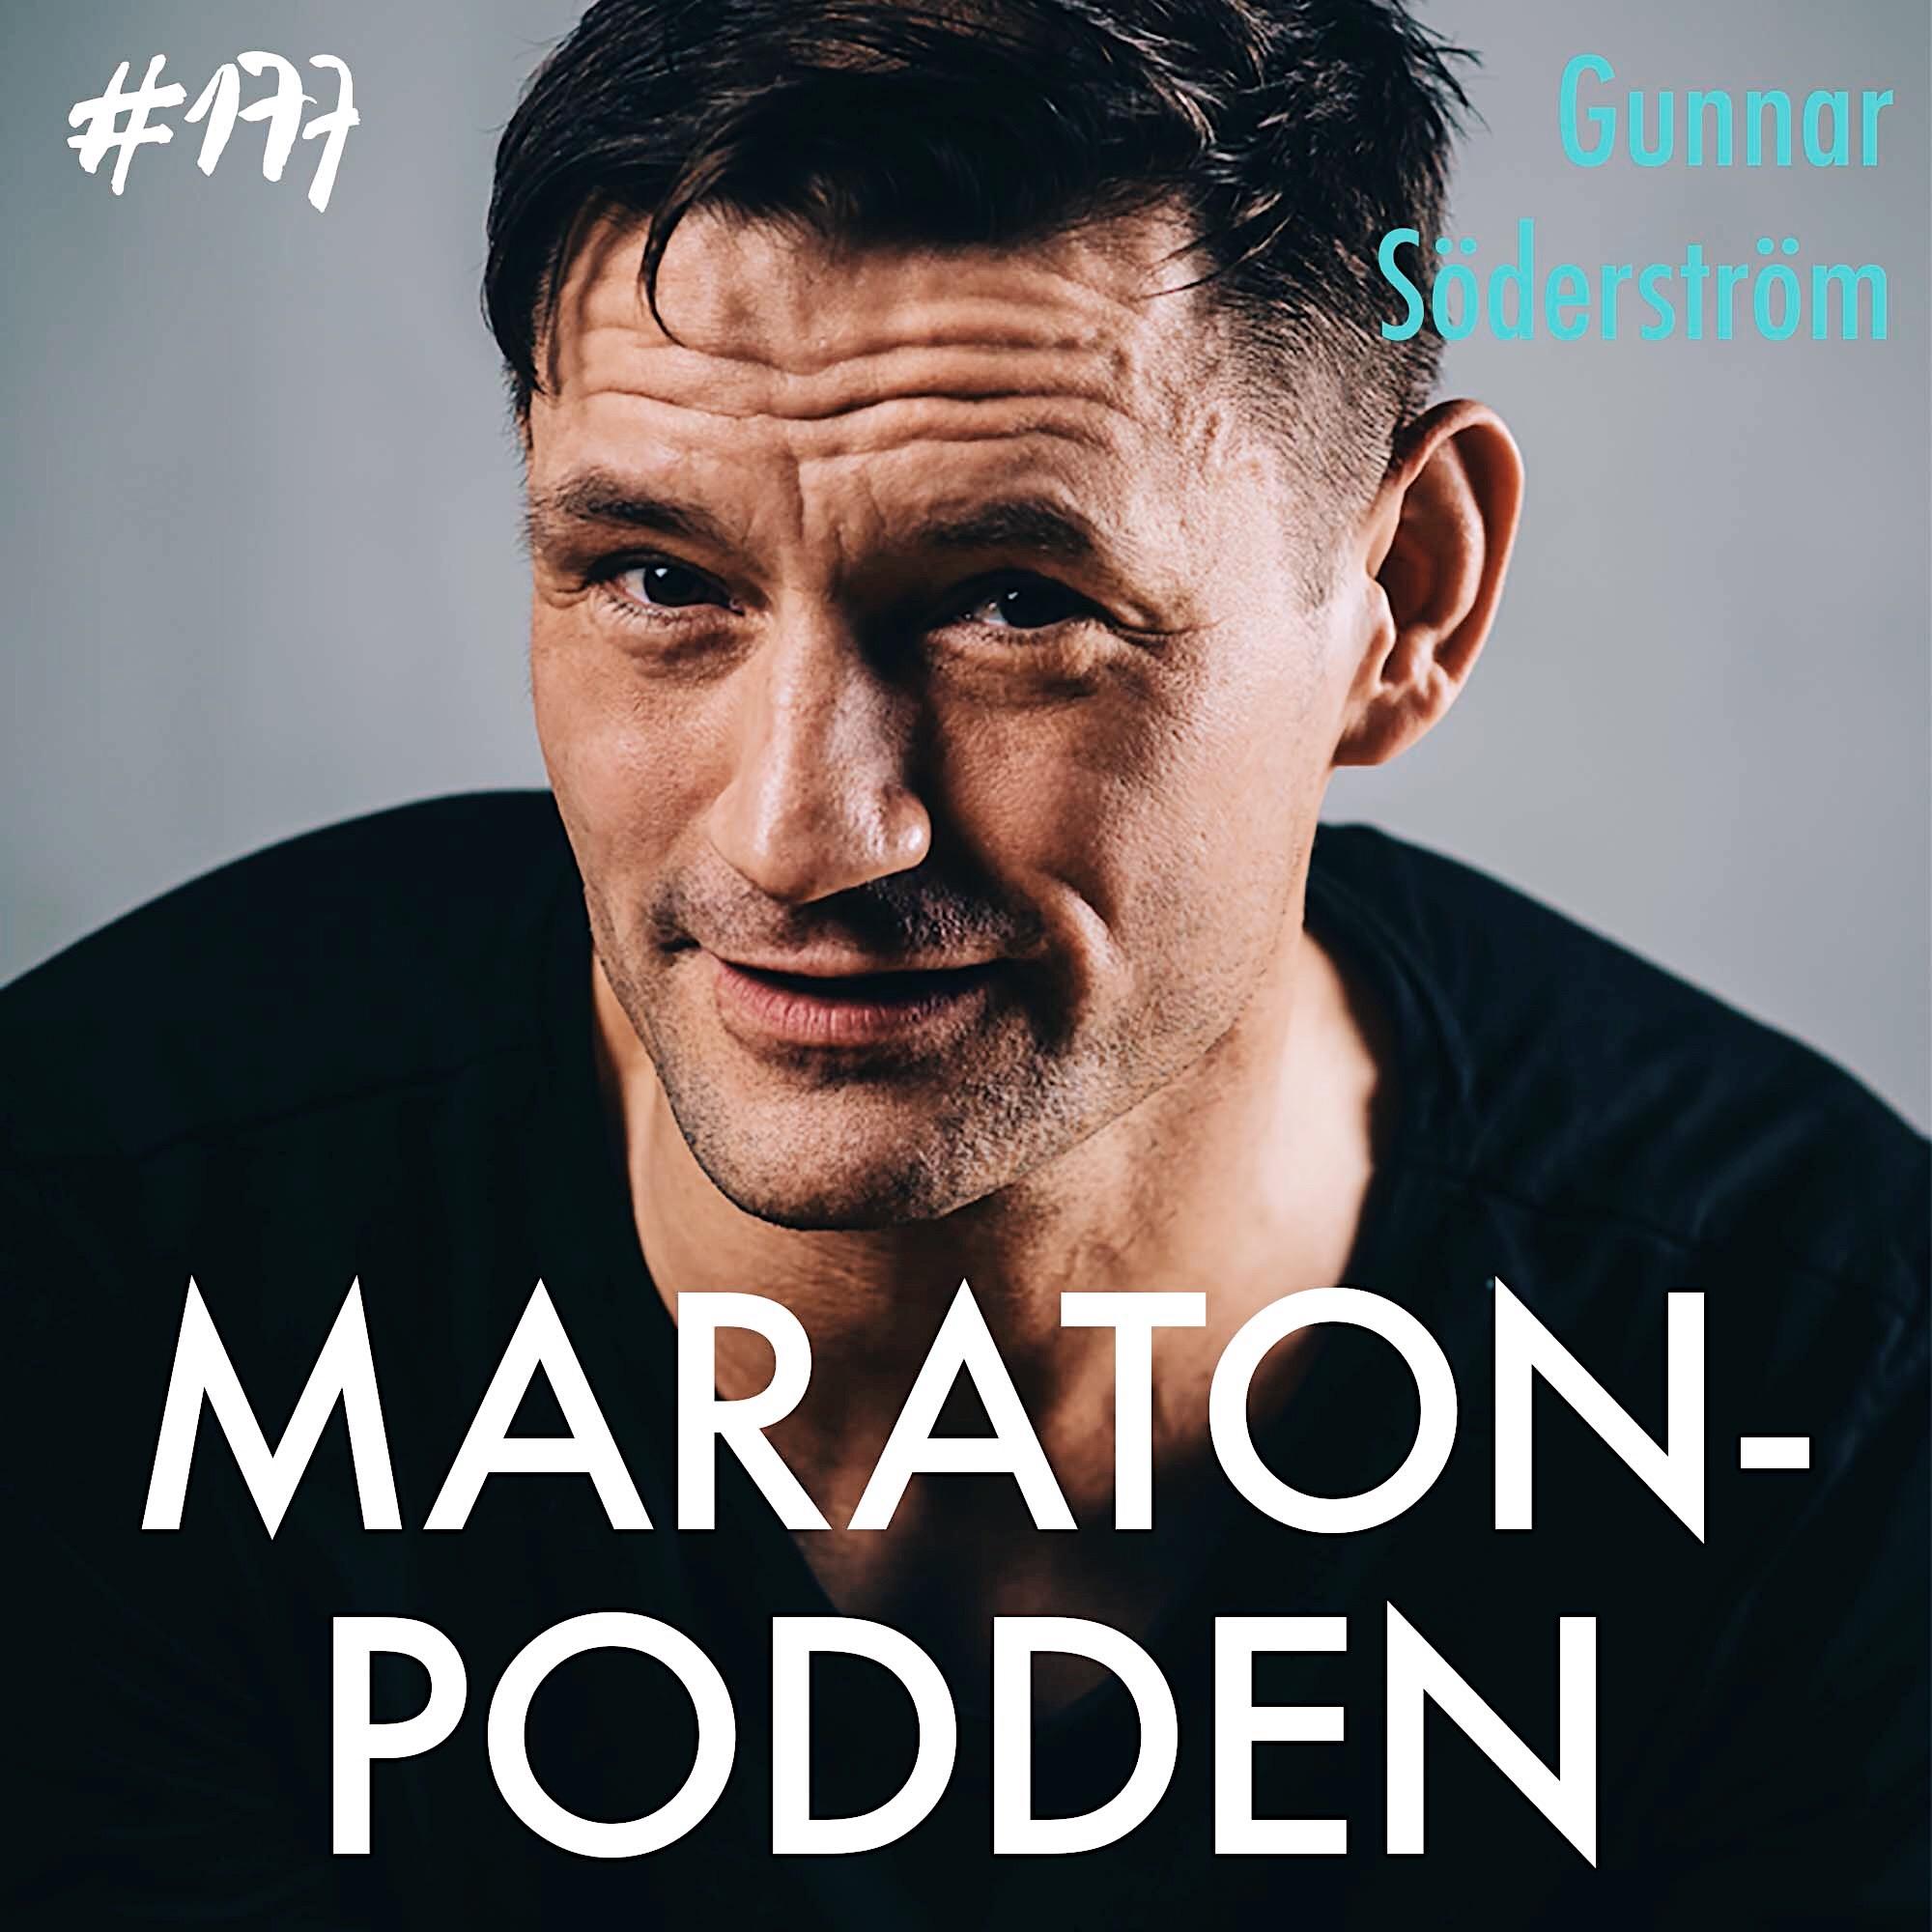 #177: Gunnar Söderström, så lyckas du när det gäller!